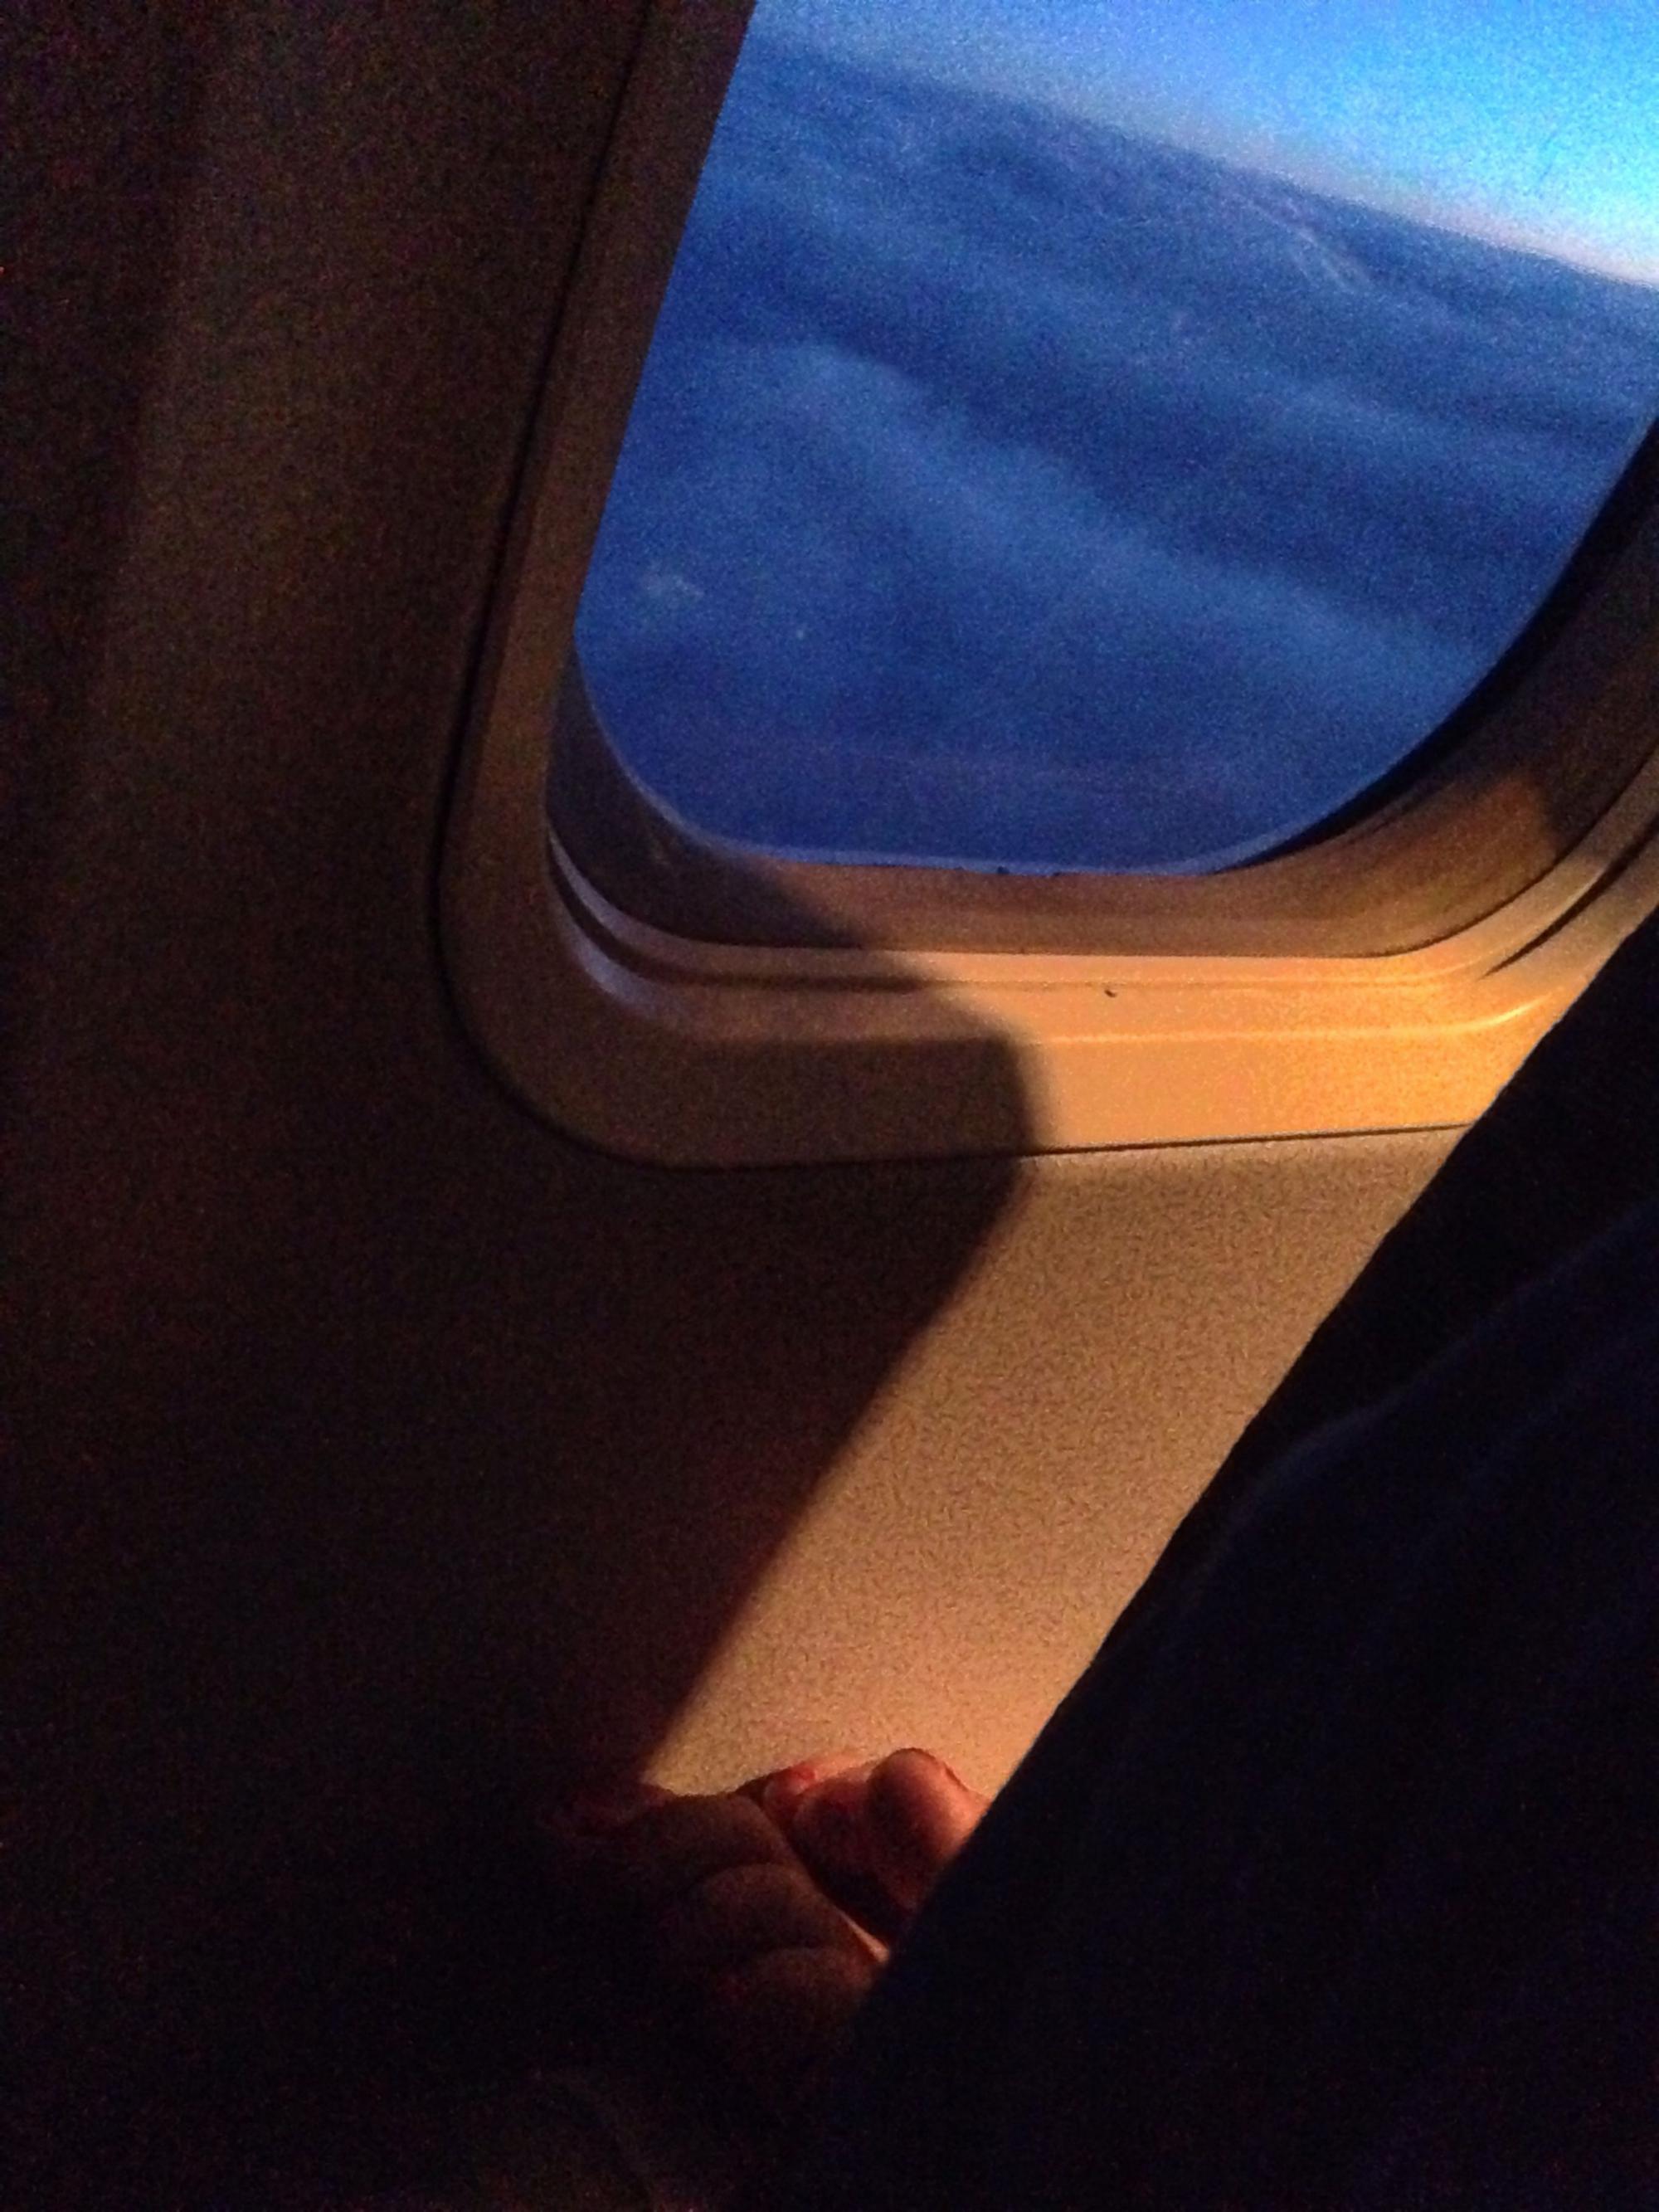 учитывая тот картинка человек сидит у иллюминатора самолета трубы своими